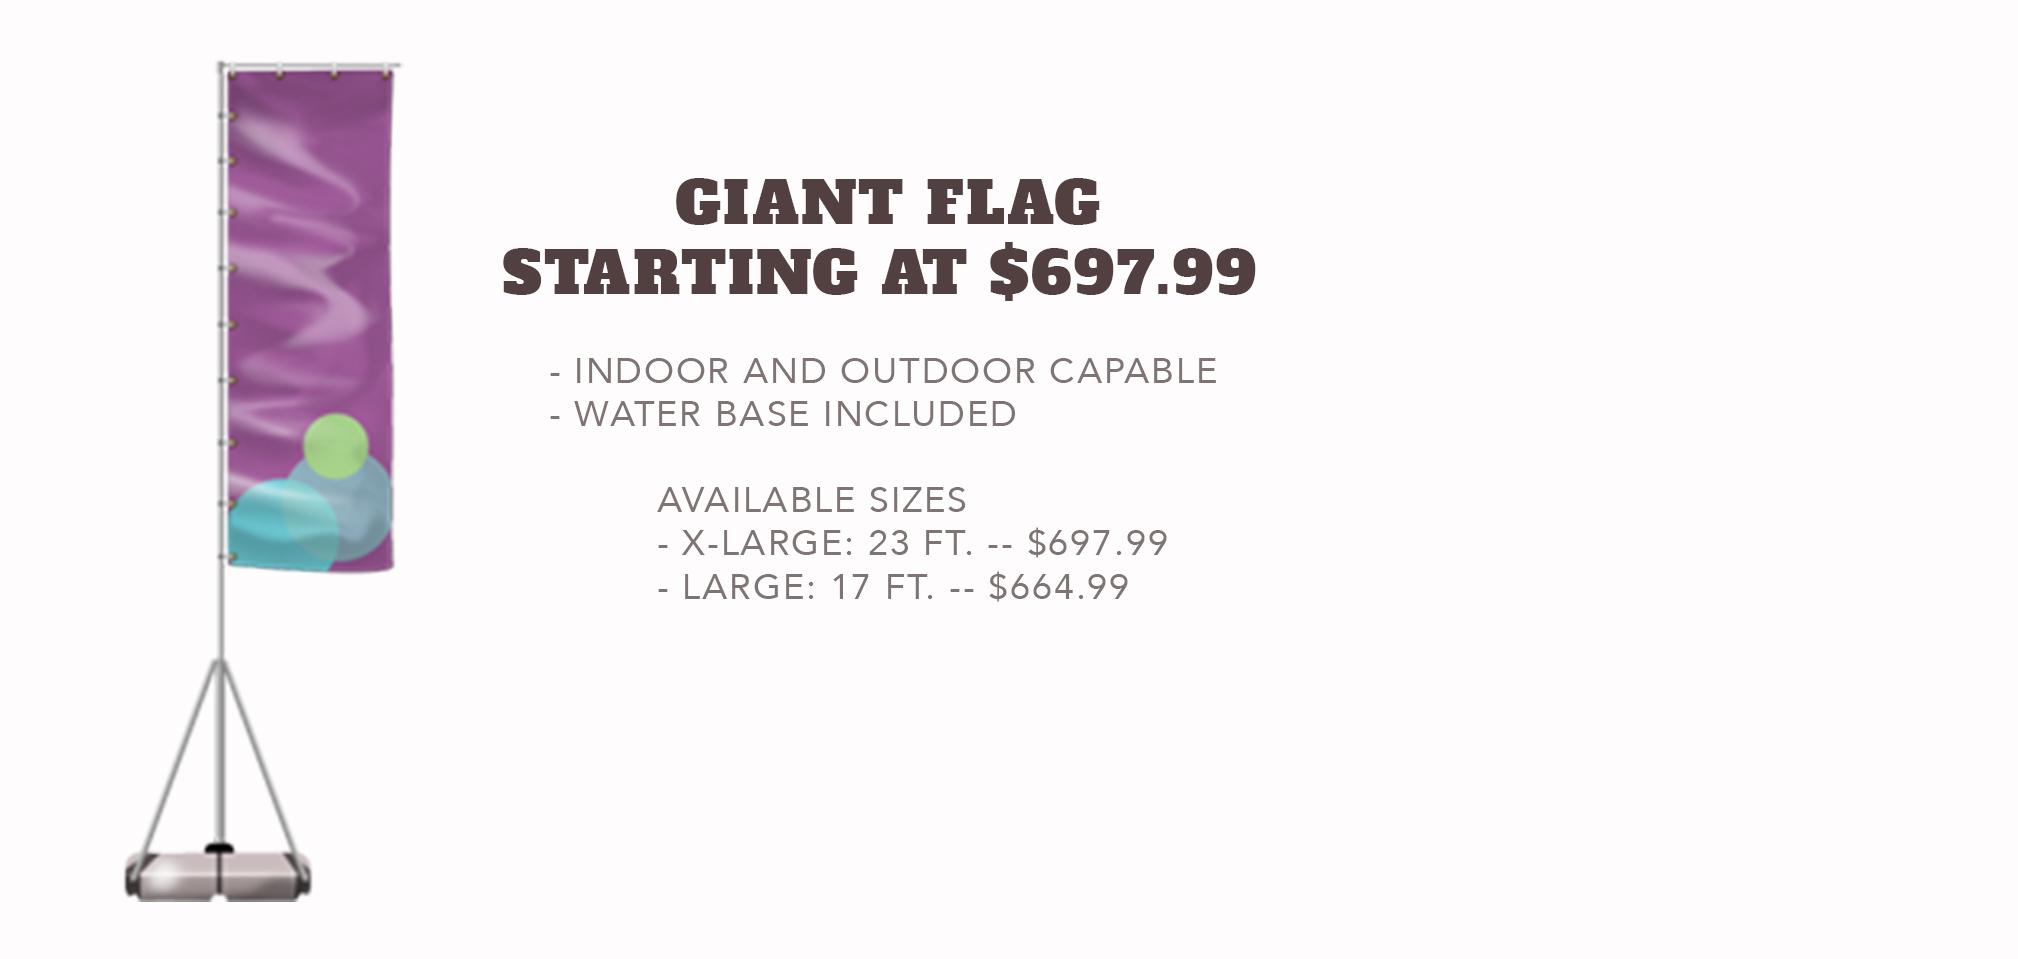 Giant Flag - Starting at $697.99